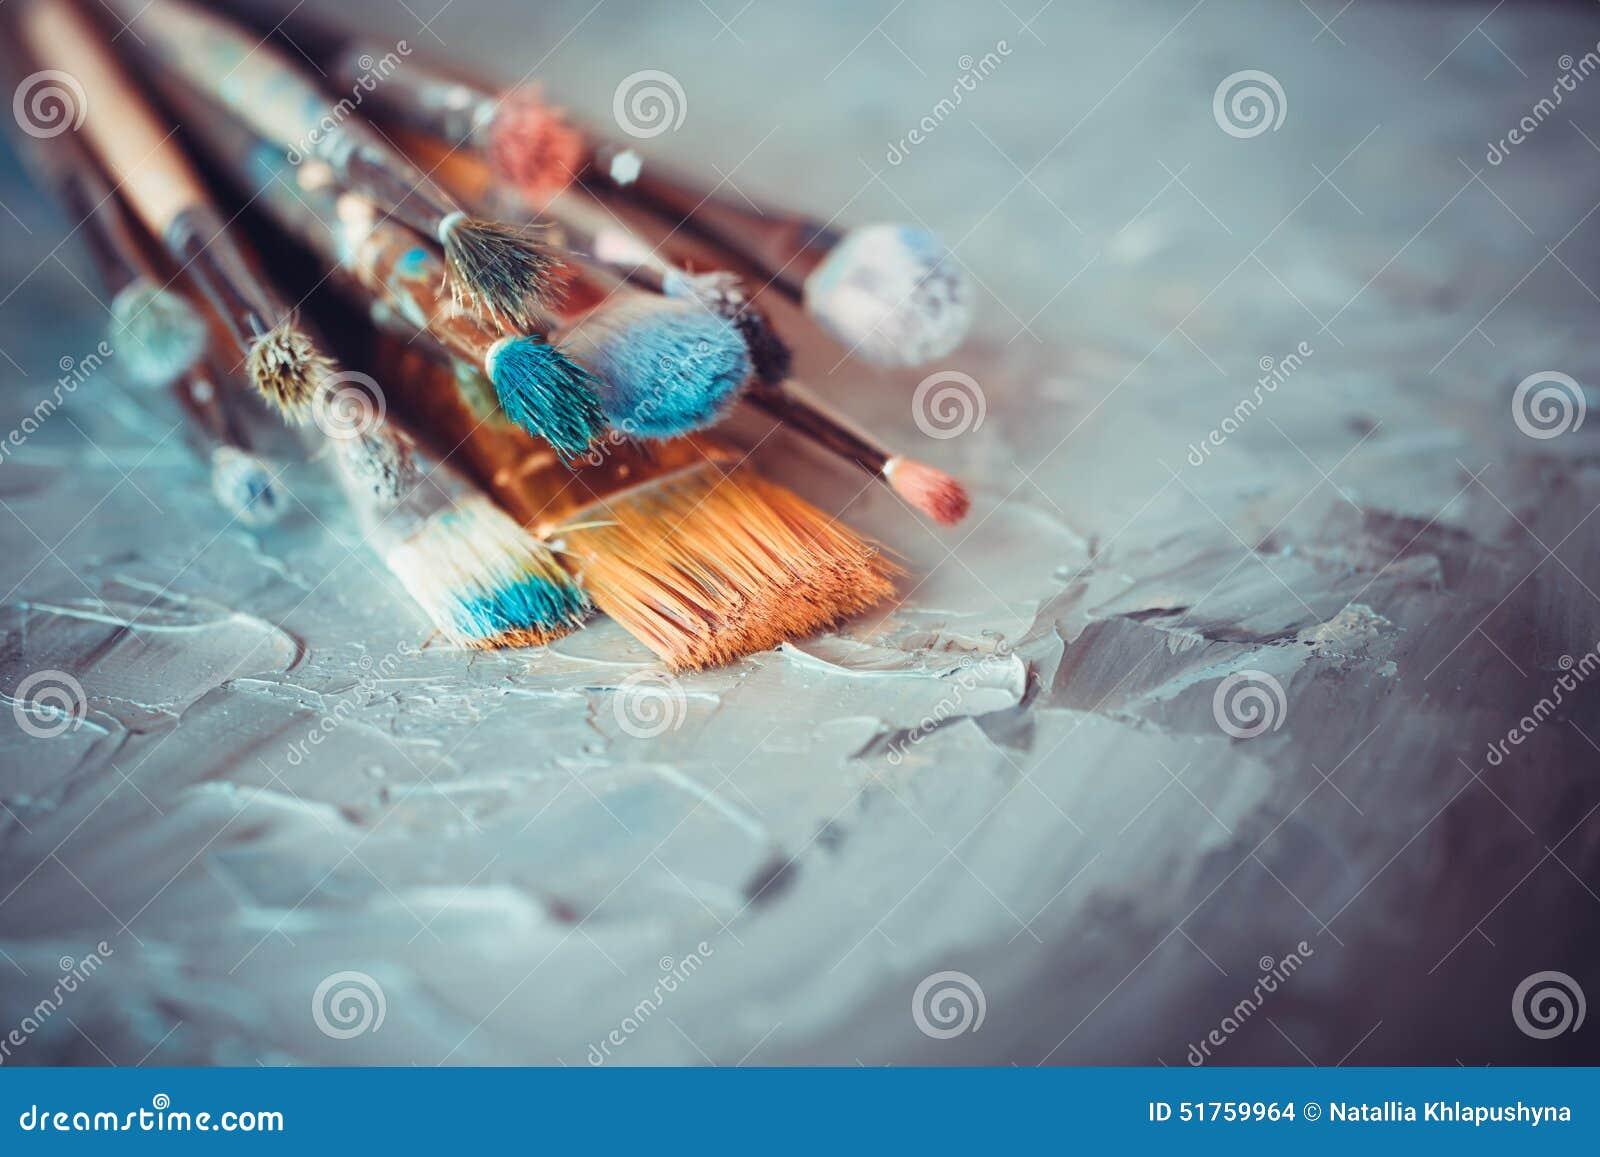 Malerpinsel auf dem Künstler mit einer Plane bedeckt mit Ölfarben